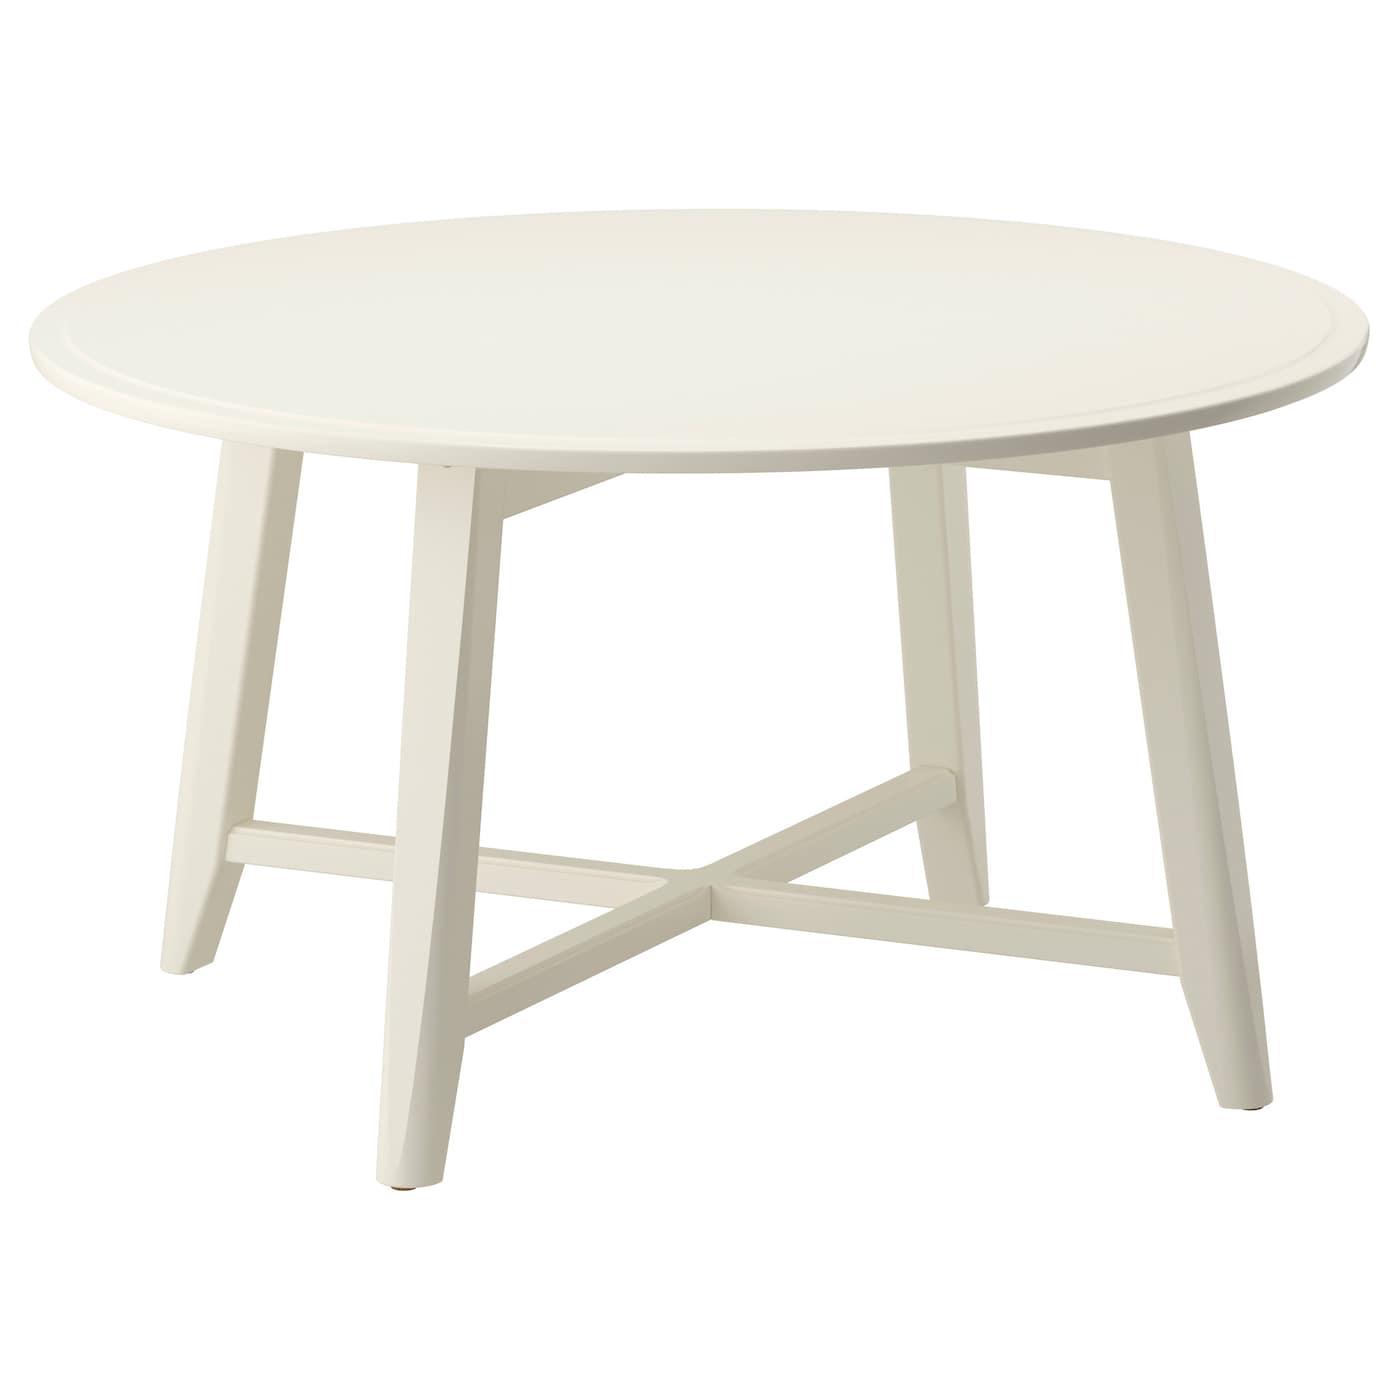 Kragsta Coffee Table White 353 8 90 Cm Ikea [ 1400 x 1400 Pixel ]